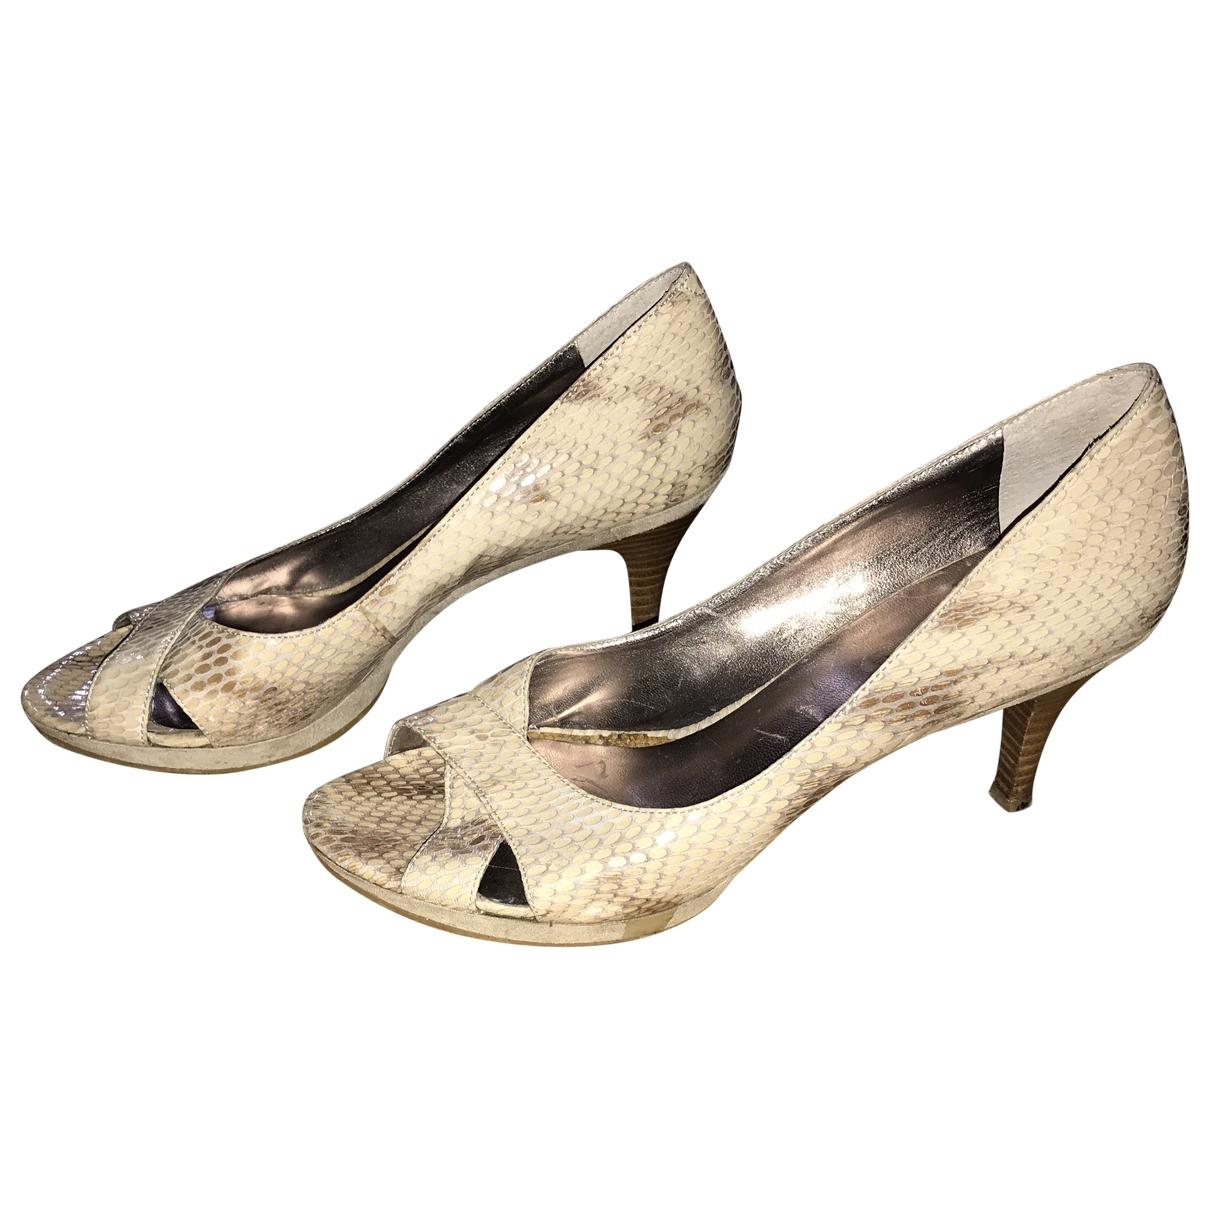 Nine West \N Beige Leather Heels for Women 38 EU